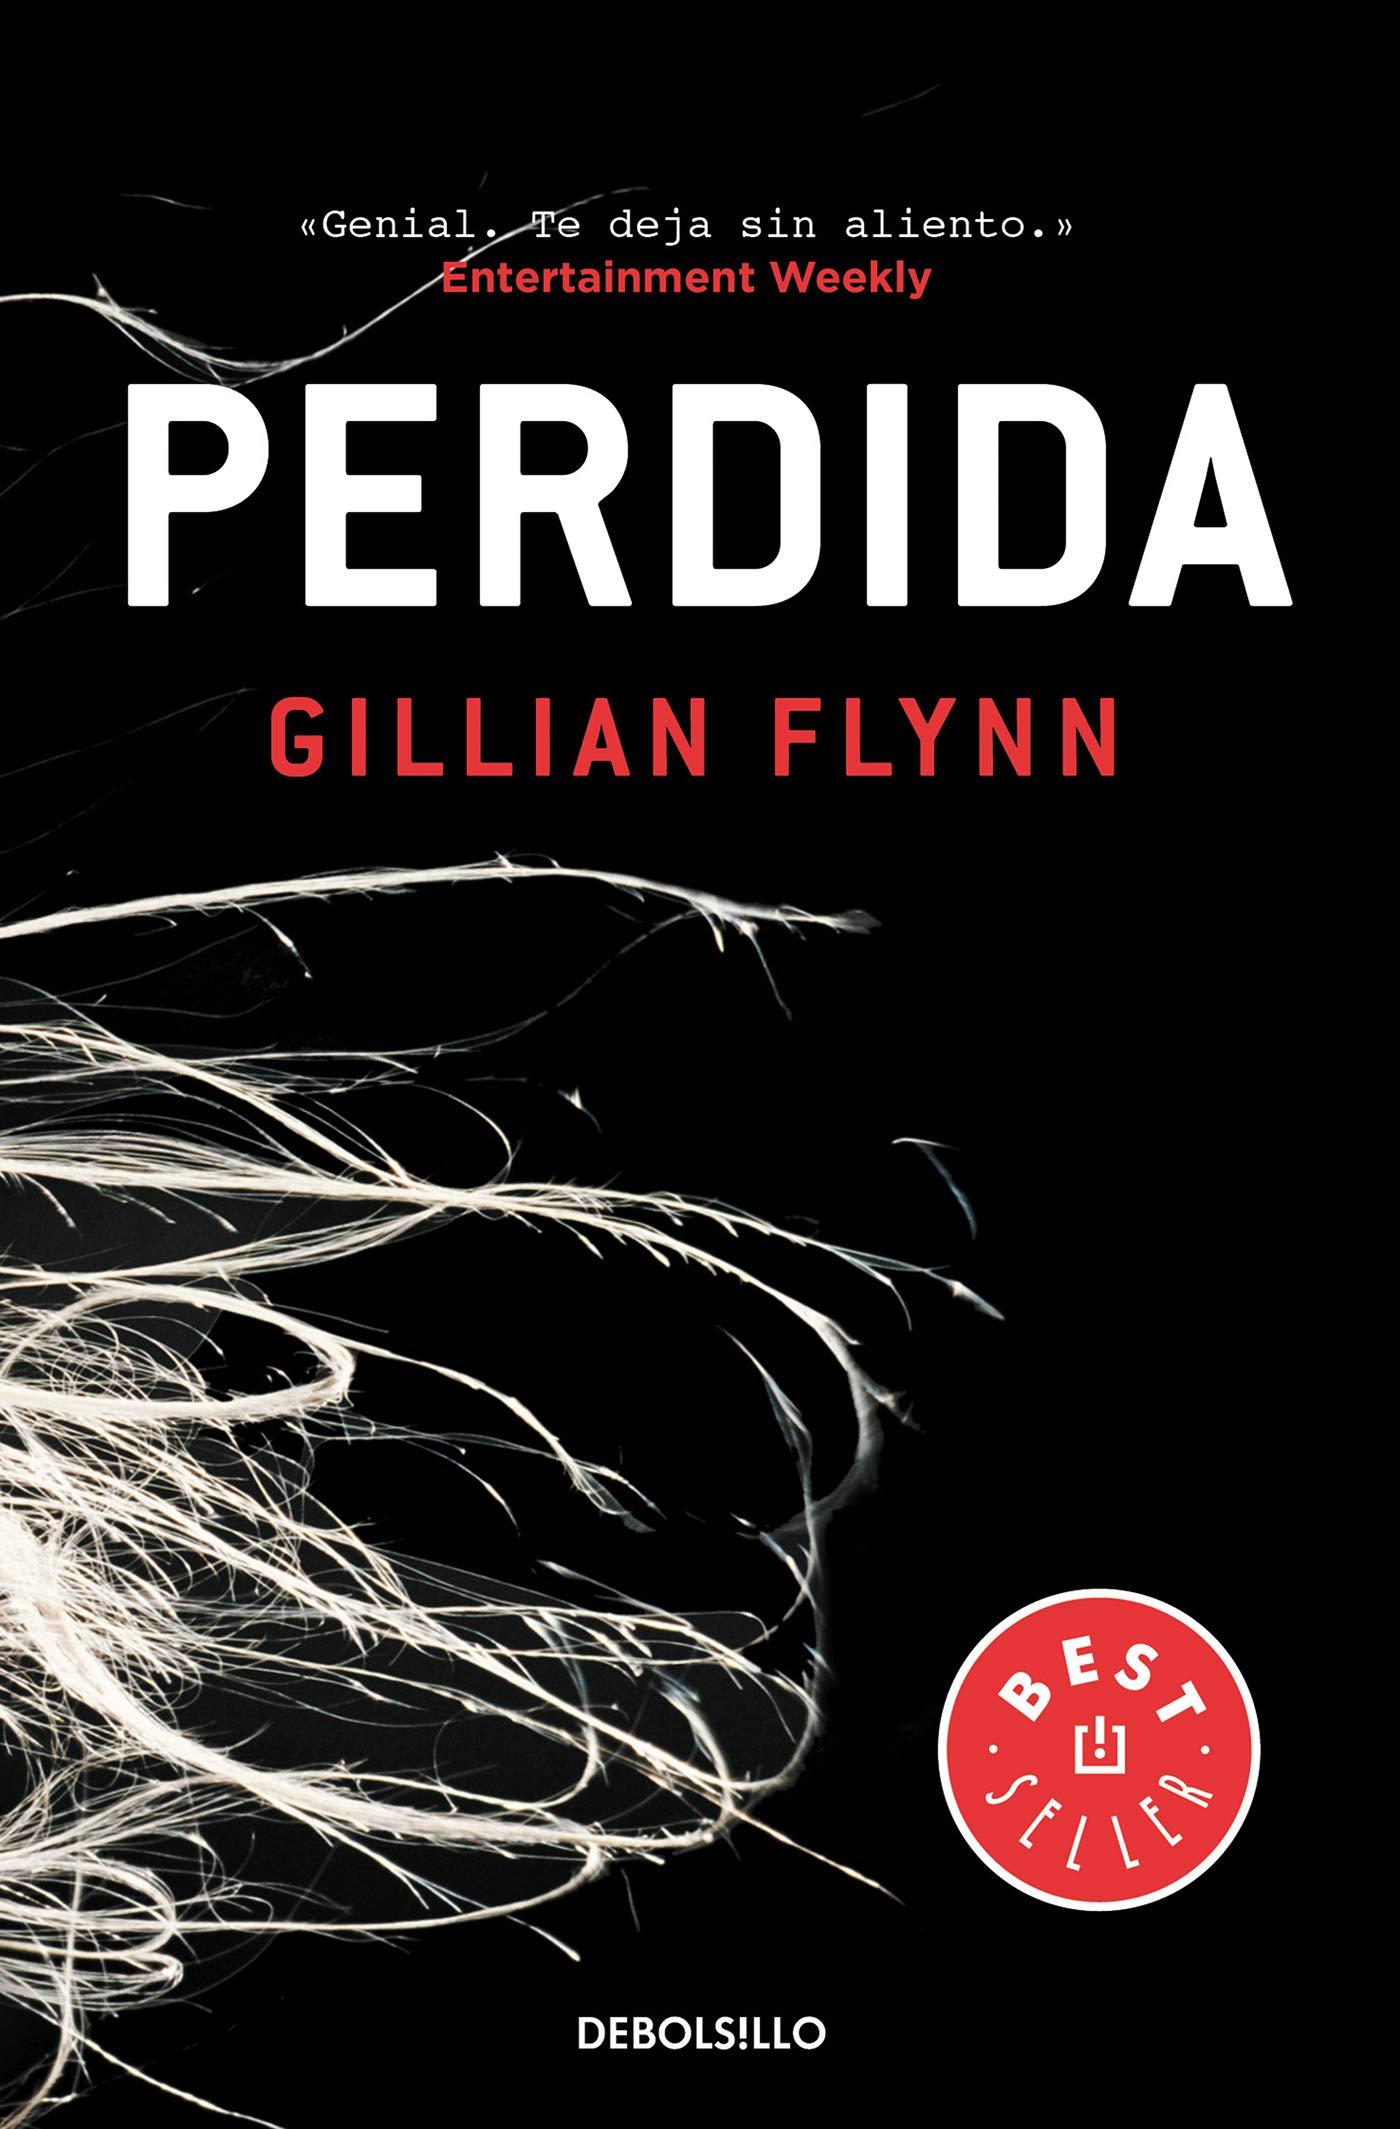 Image result for gillian flynn perdida